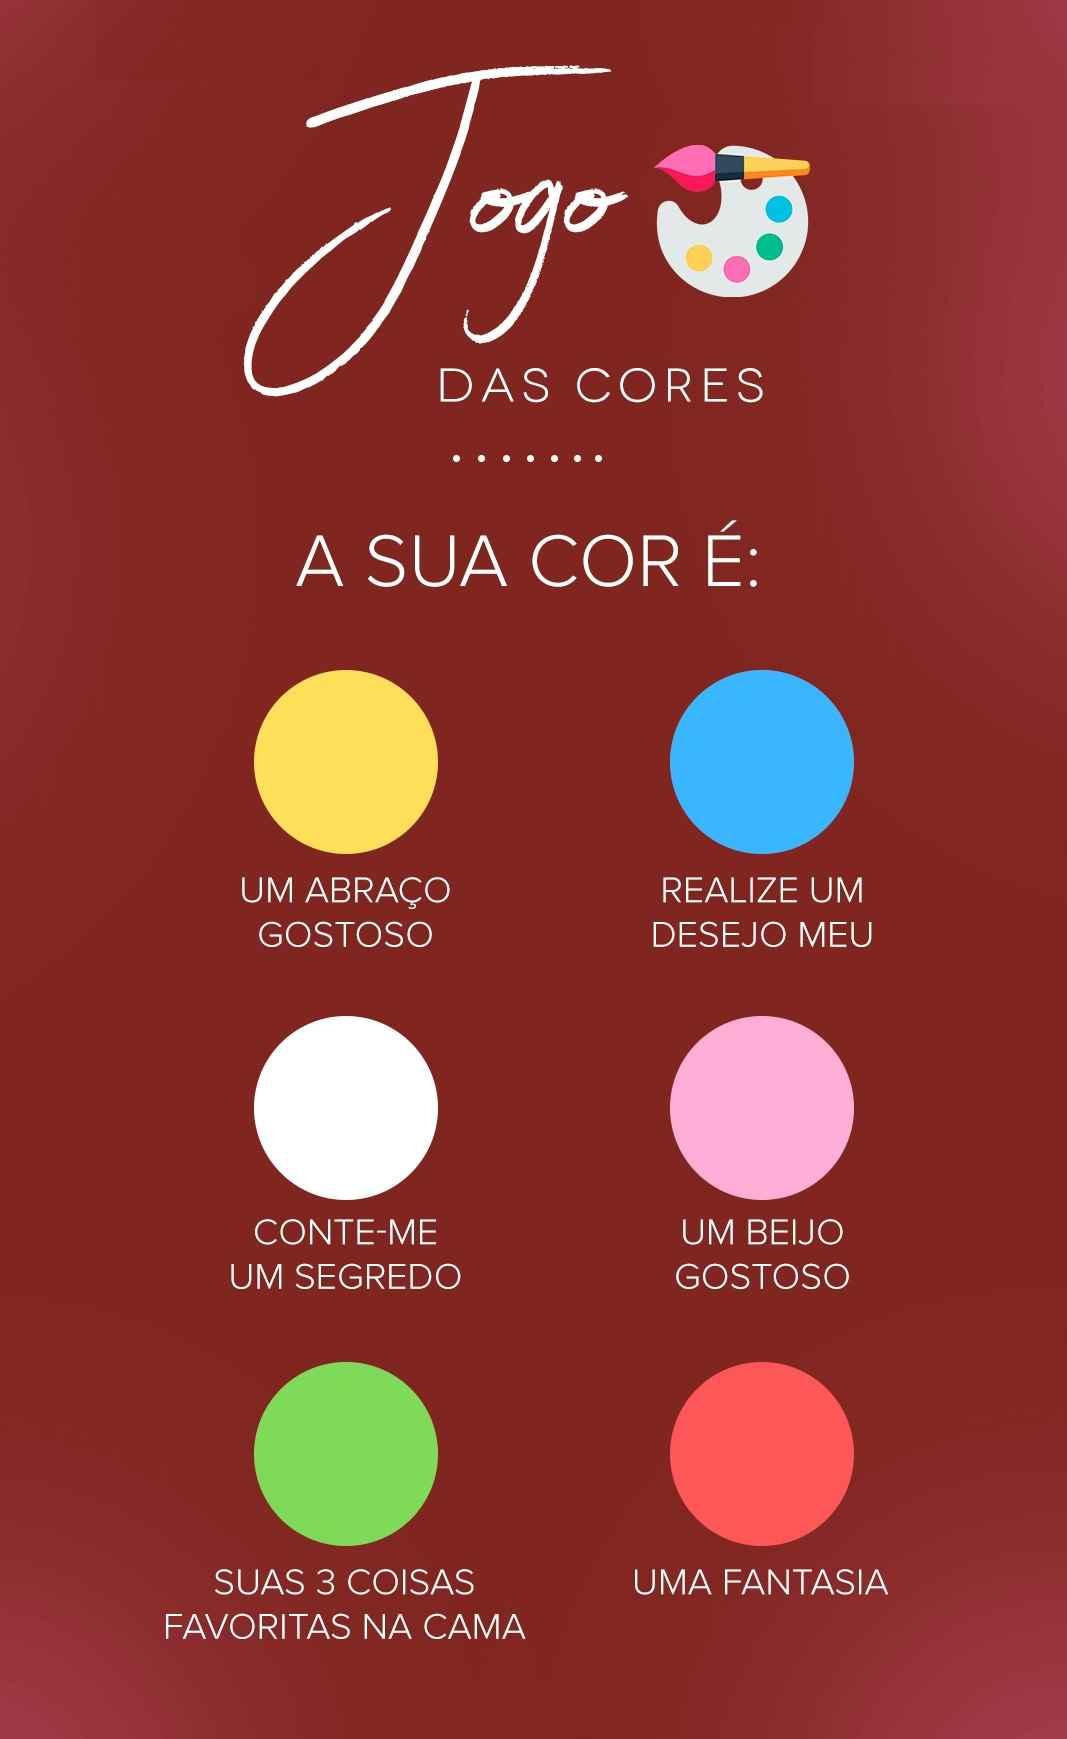 jogo-das-cores-respostas-a-sua-cor-e-um-abraco-gostoso